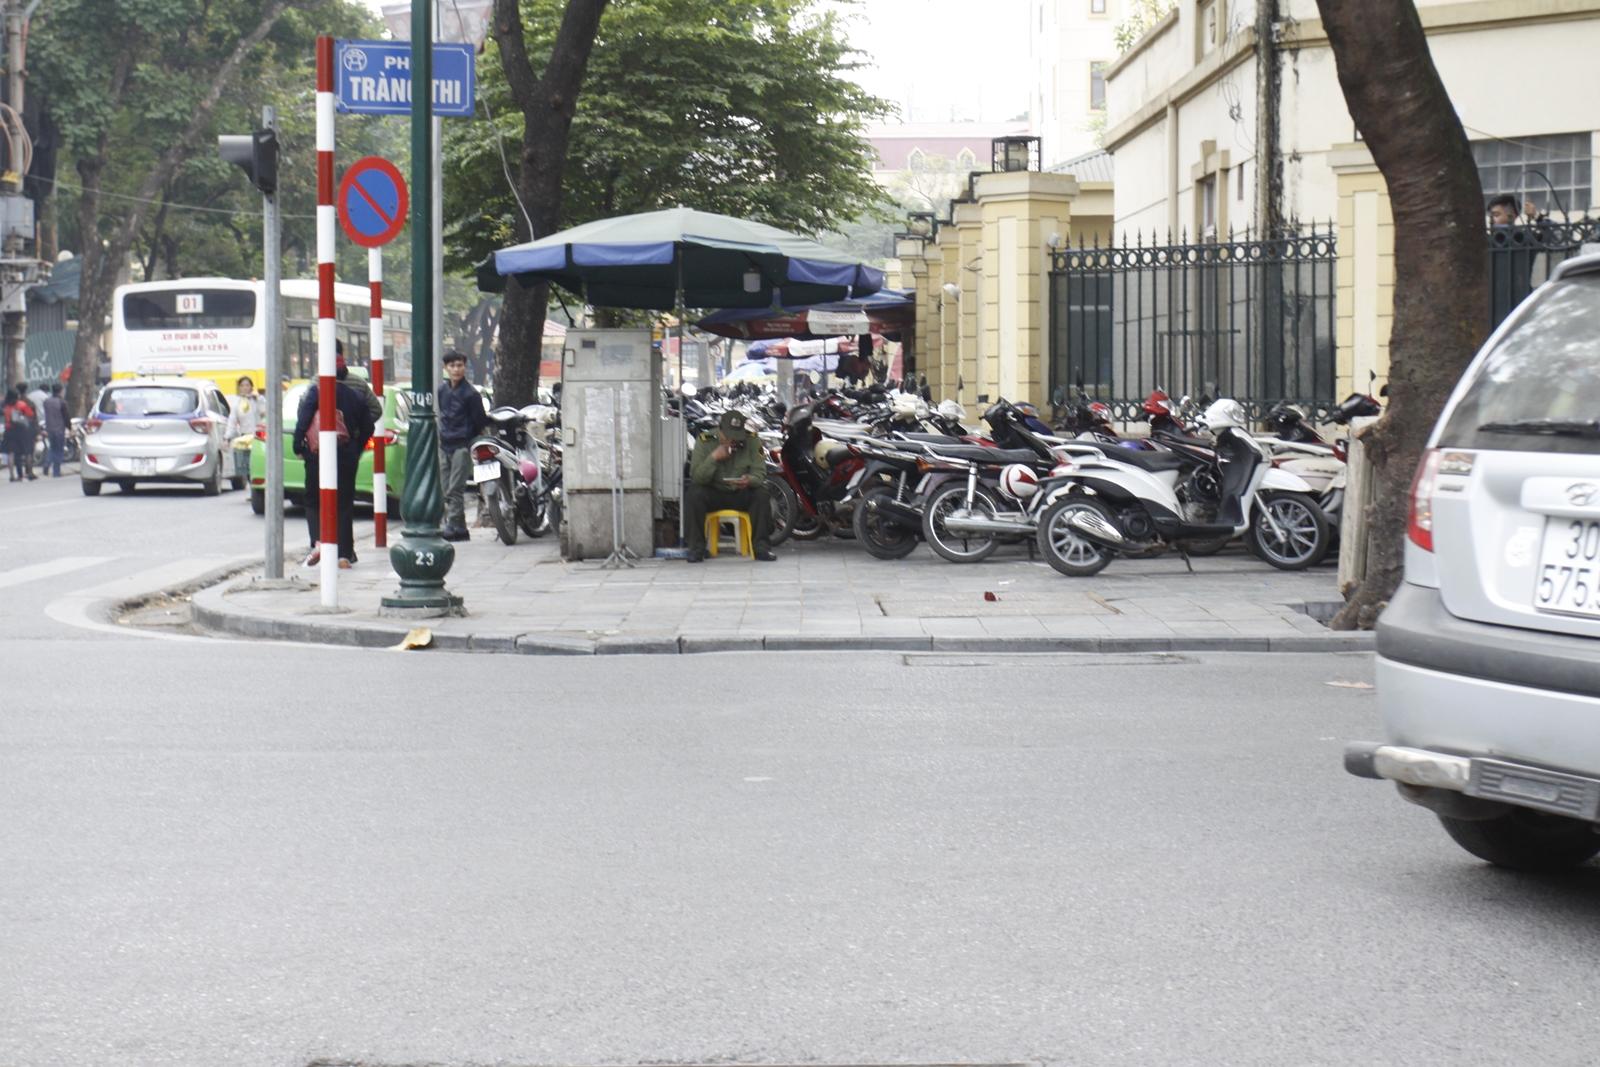 """Cận cảnh các bãi đỗ xe ở Hà Nội trước giờ """"G"""" tăng giá - Hình 13"""